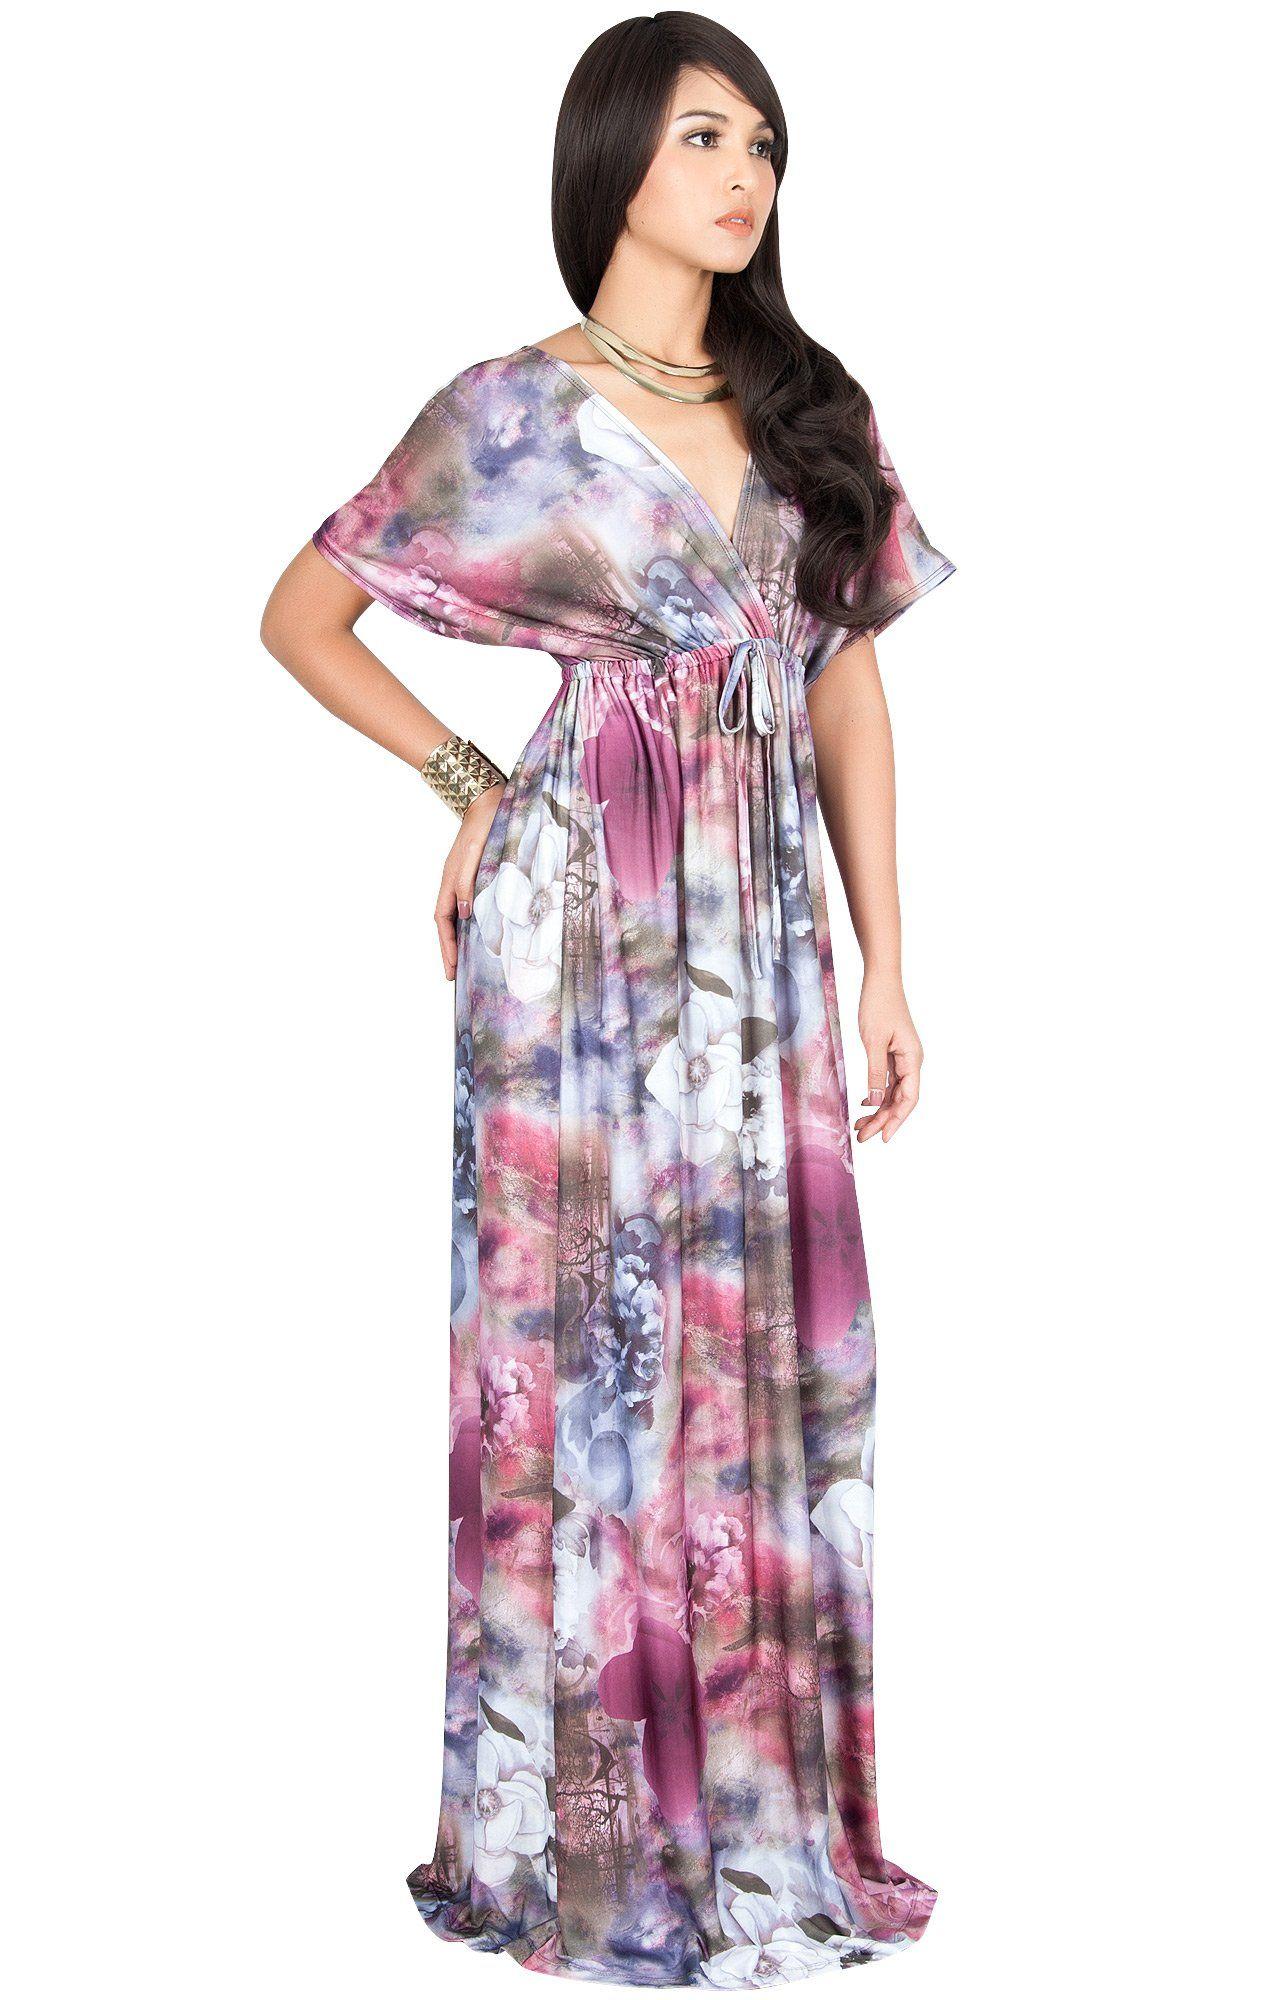 5e0bfa9e91577 Maternity Fashion - KOH KOH Plus Size Womens Long Kimono Short Sleeve VNeck  Floral Print Spring